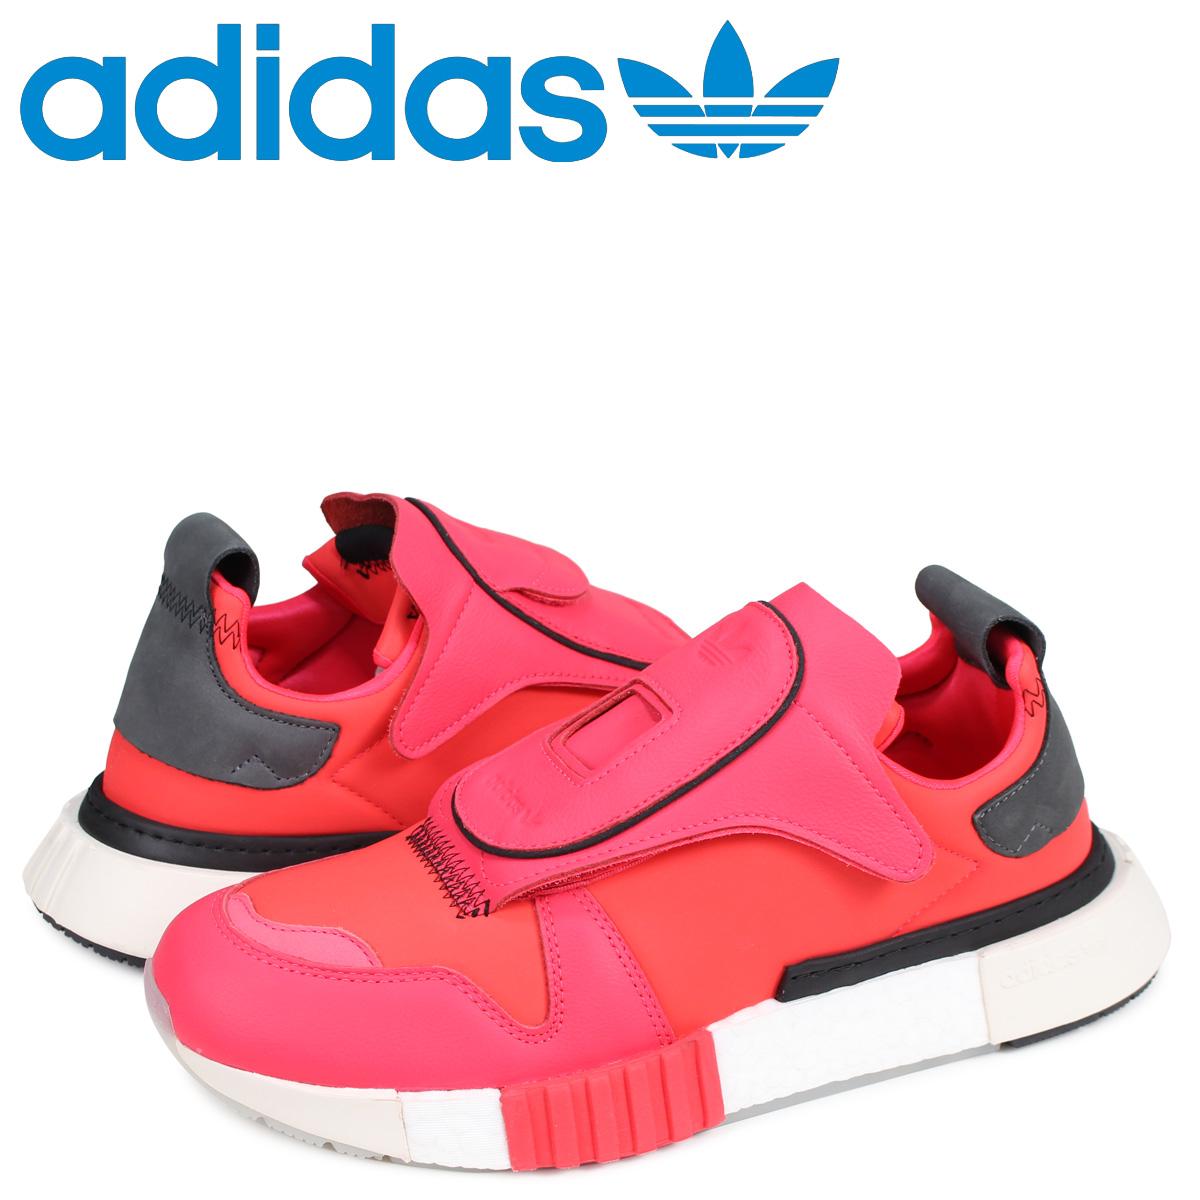 アディダス オリジナルス adidas Originals フューチャーペーサー スニーカー メンズ FUTUREPACER レッド BD7923